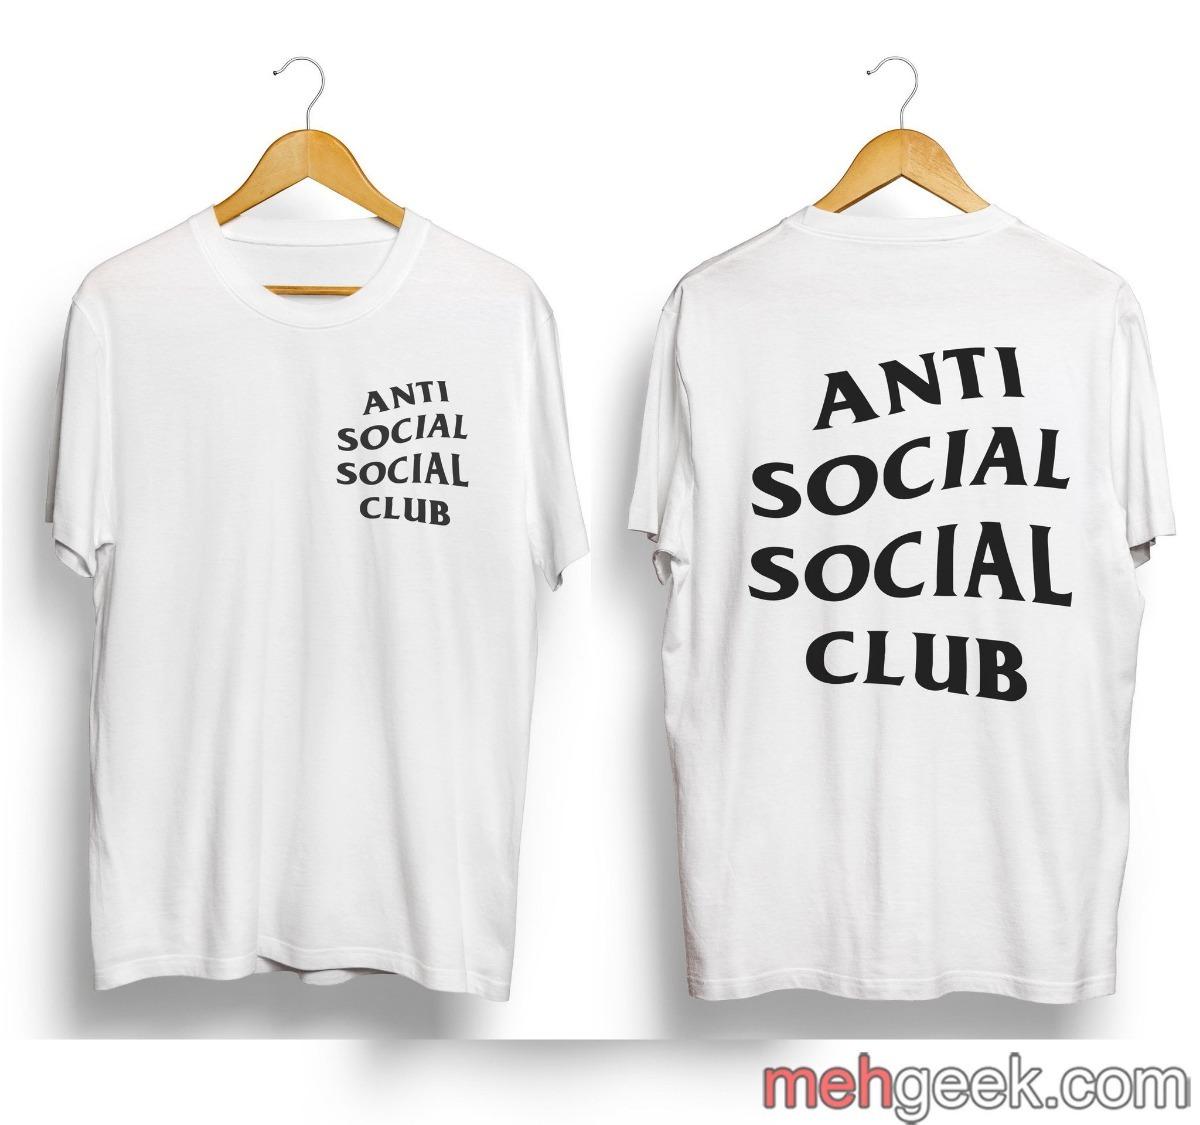 bac989ce2d9d2 camiseta antisocial social anti social club polo estandar. Cargando zoom.